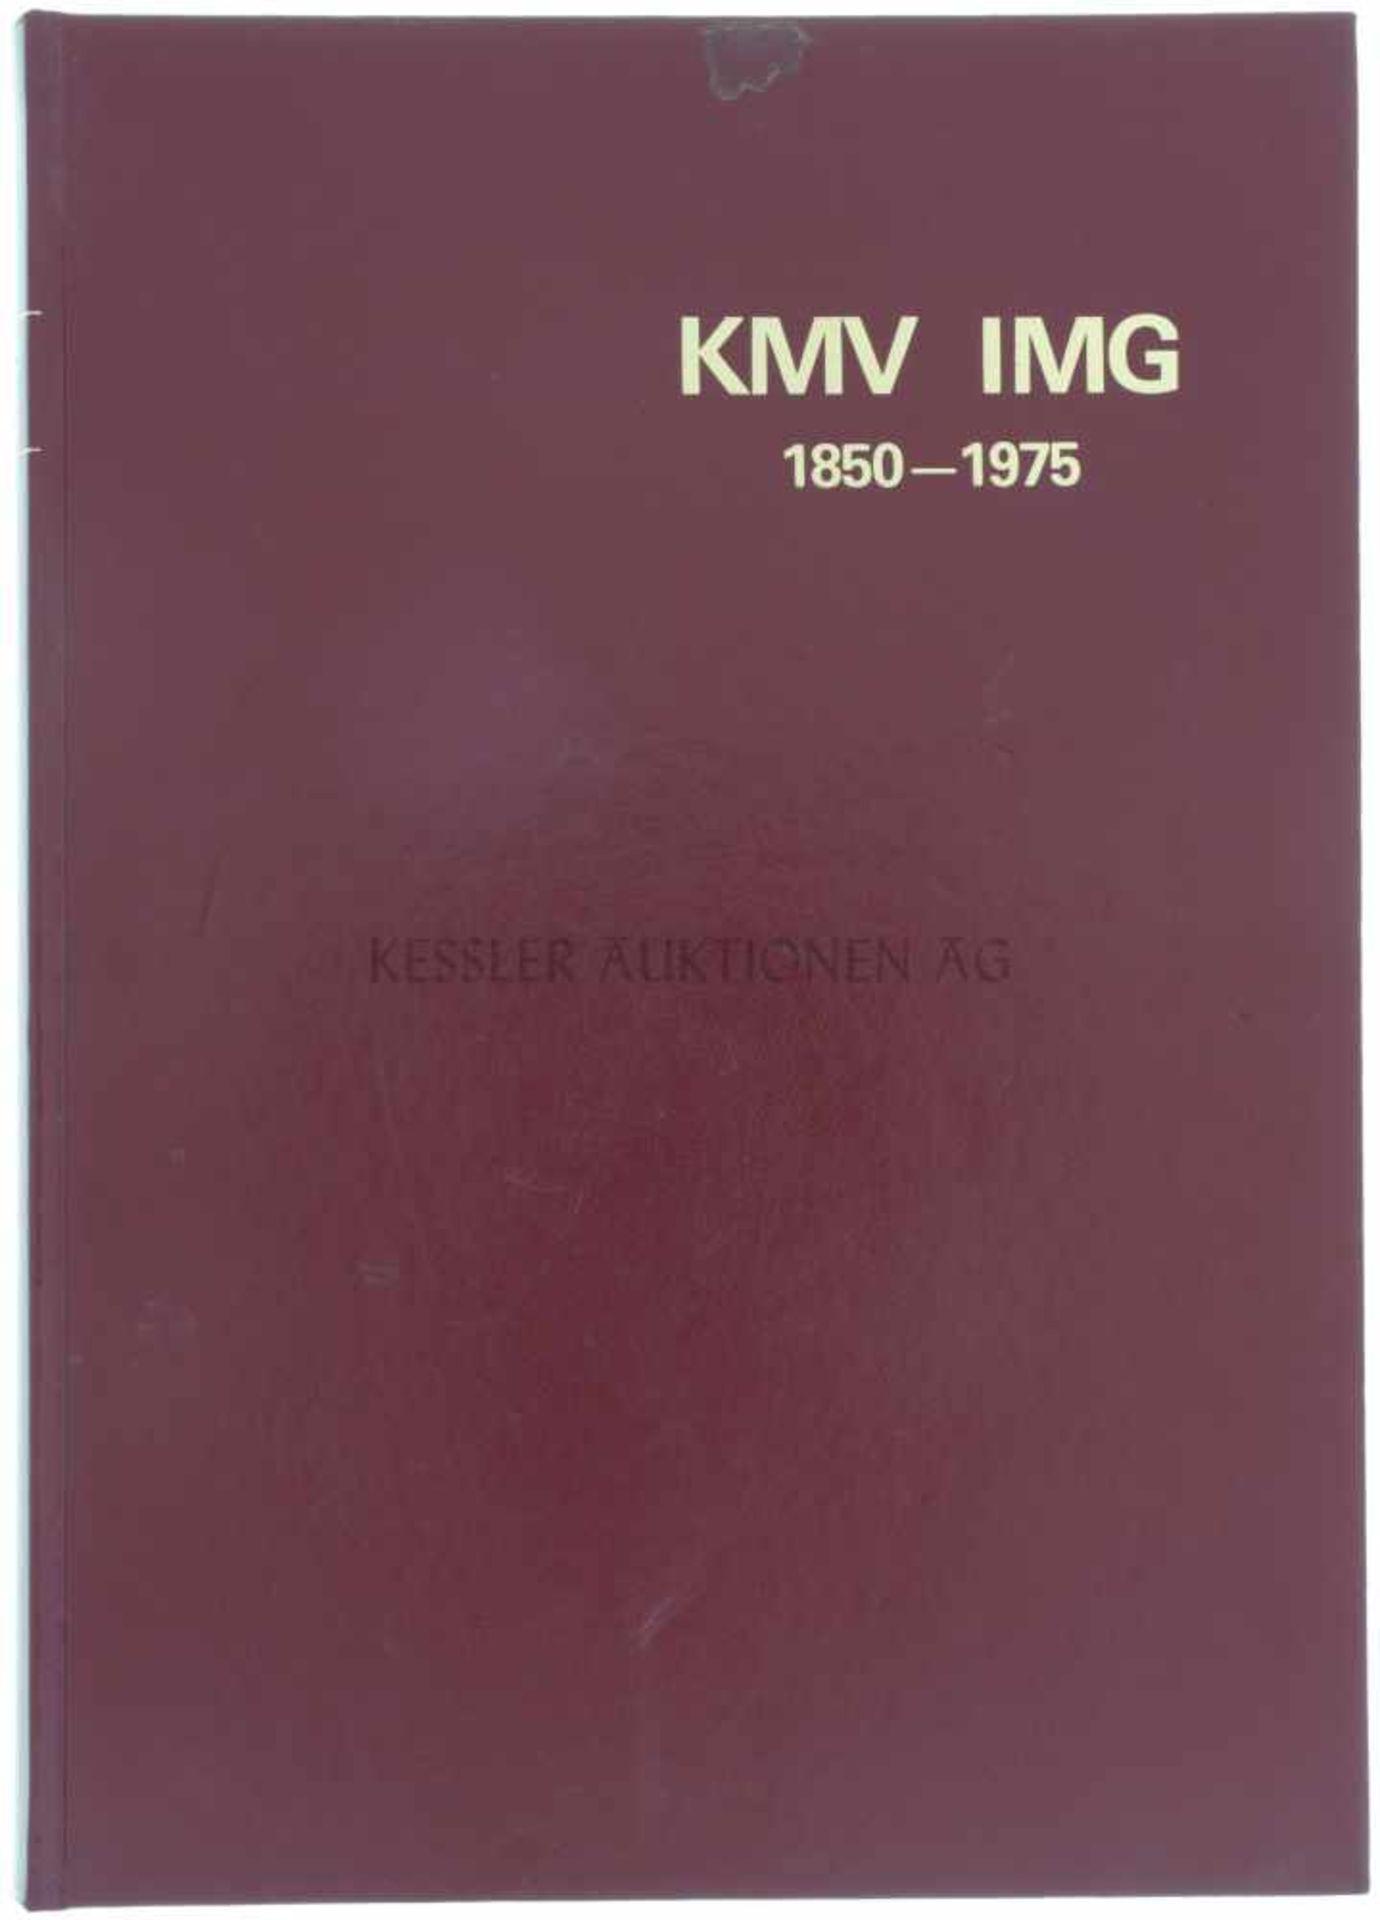 Die Geschichte der Kriegsmaterialverwaltung, 1850-1975 Herausgeber KMV, Autoren Albert Brunisholz